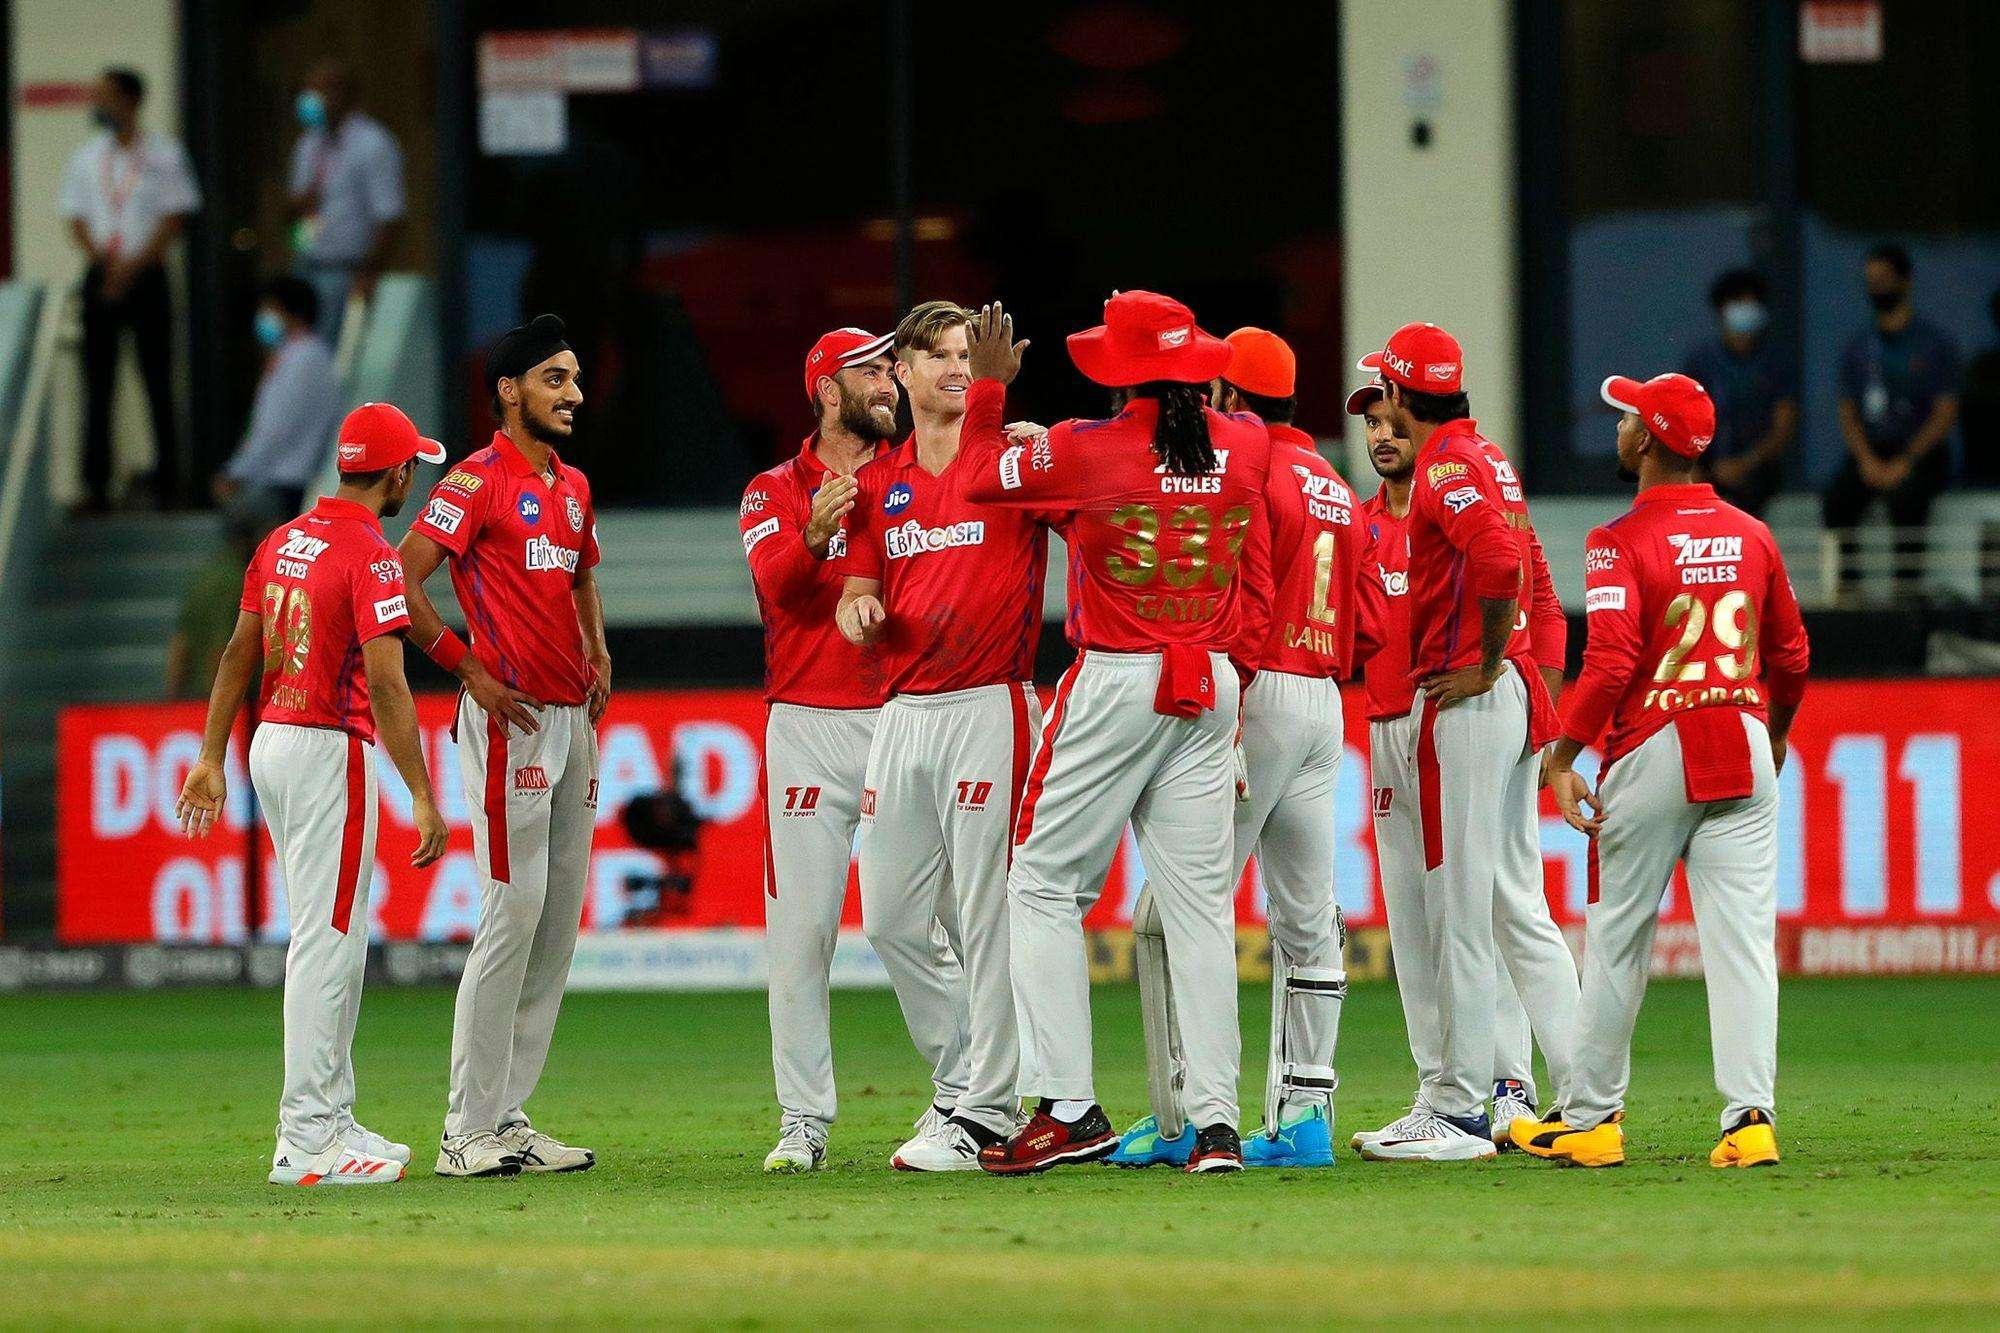 IPL 2020: RR के खिलाफ KXIP ने कैसे गंवाया मैच, जानें हार के 5 कारण